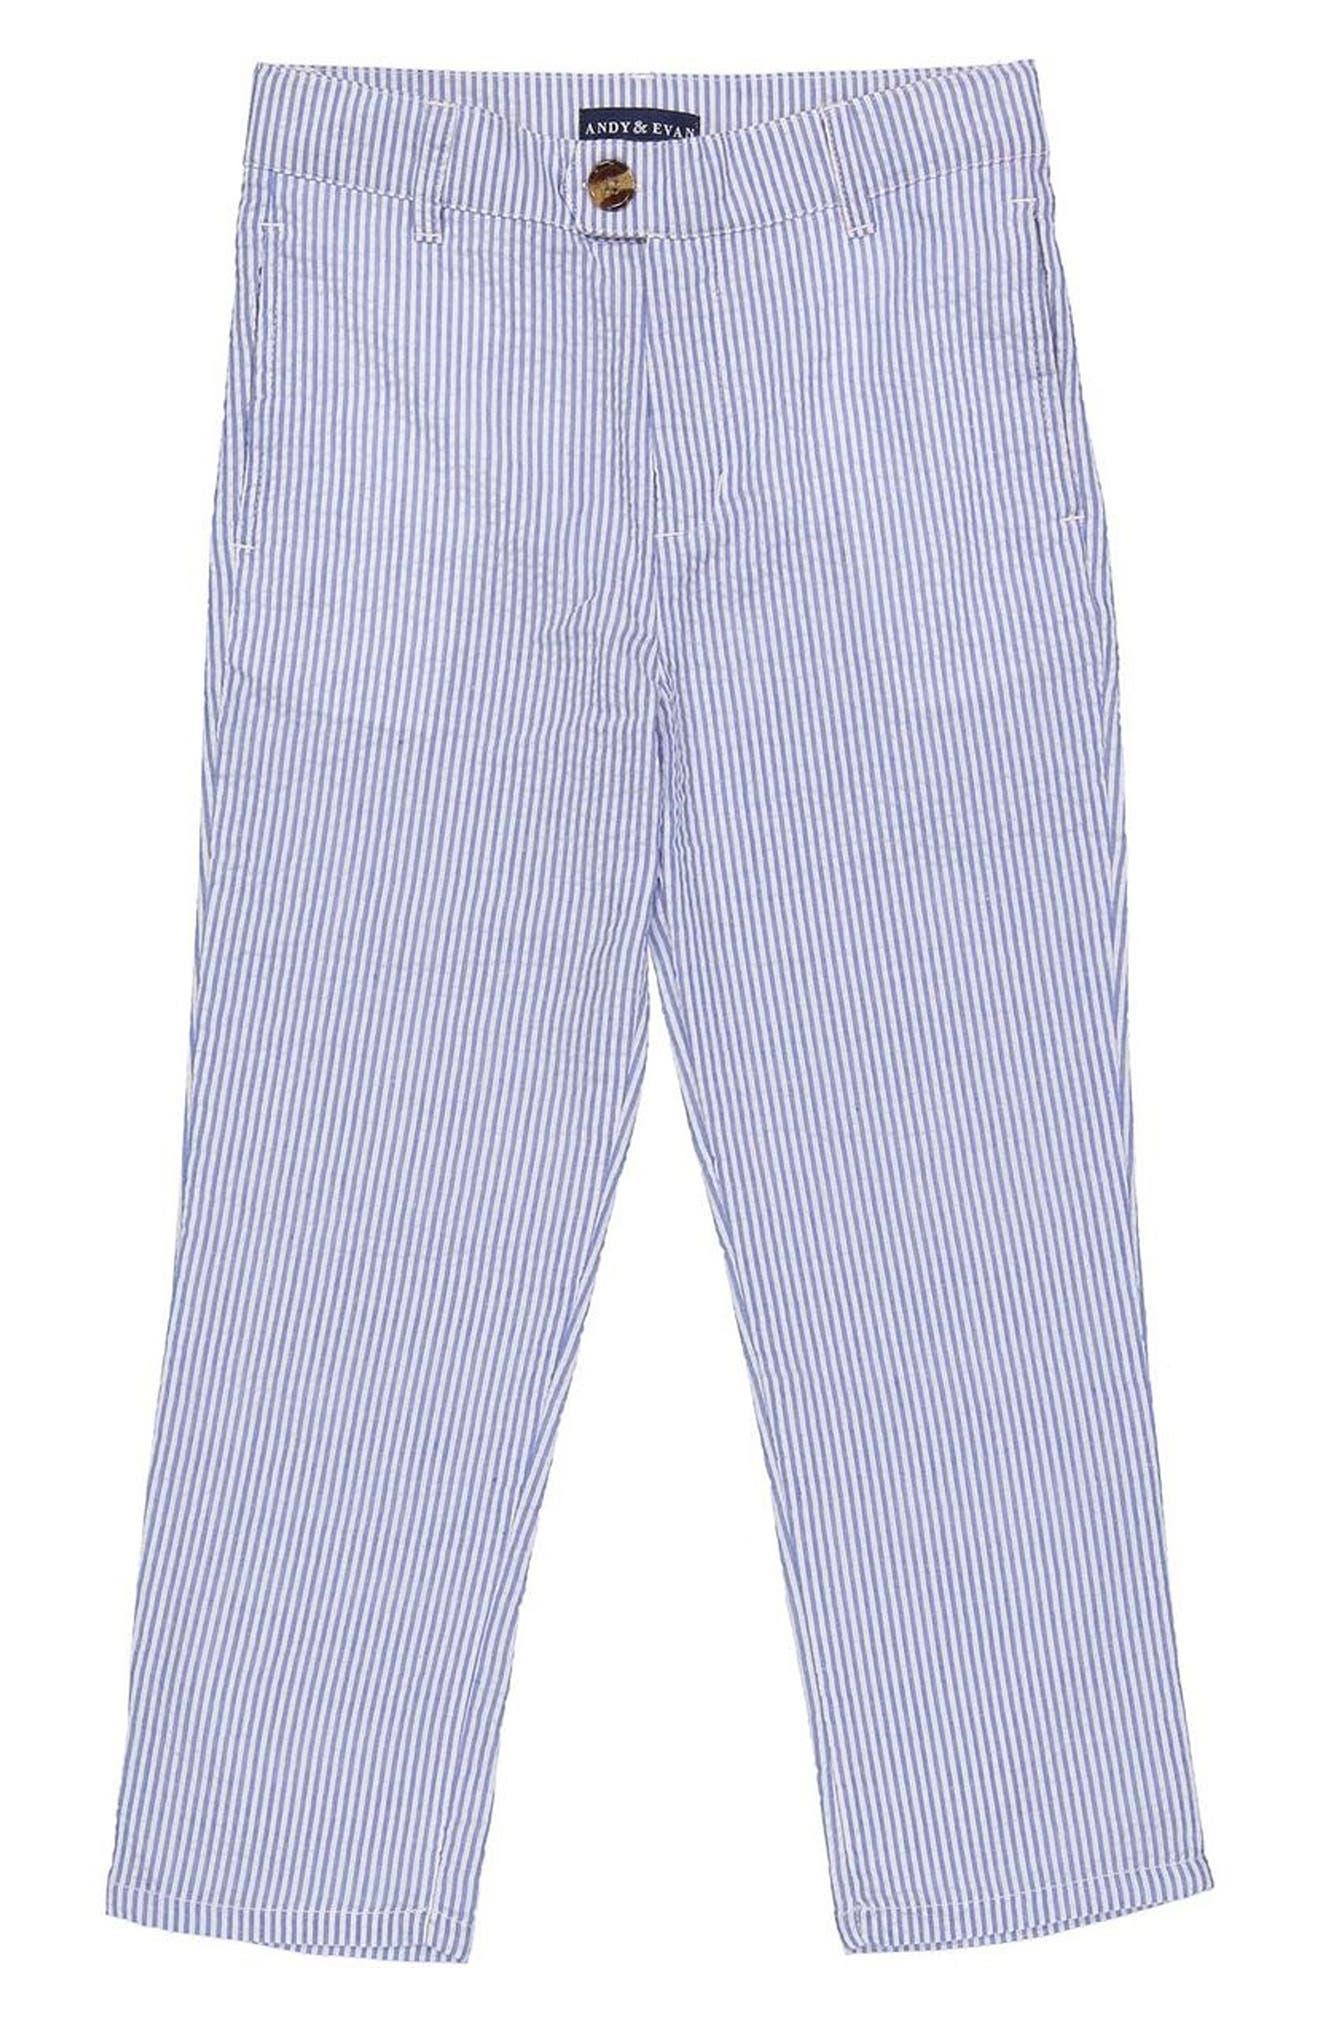 Seersucker Suit Pants,                         Main,                         color,